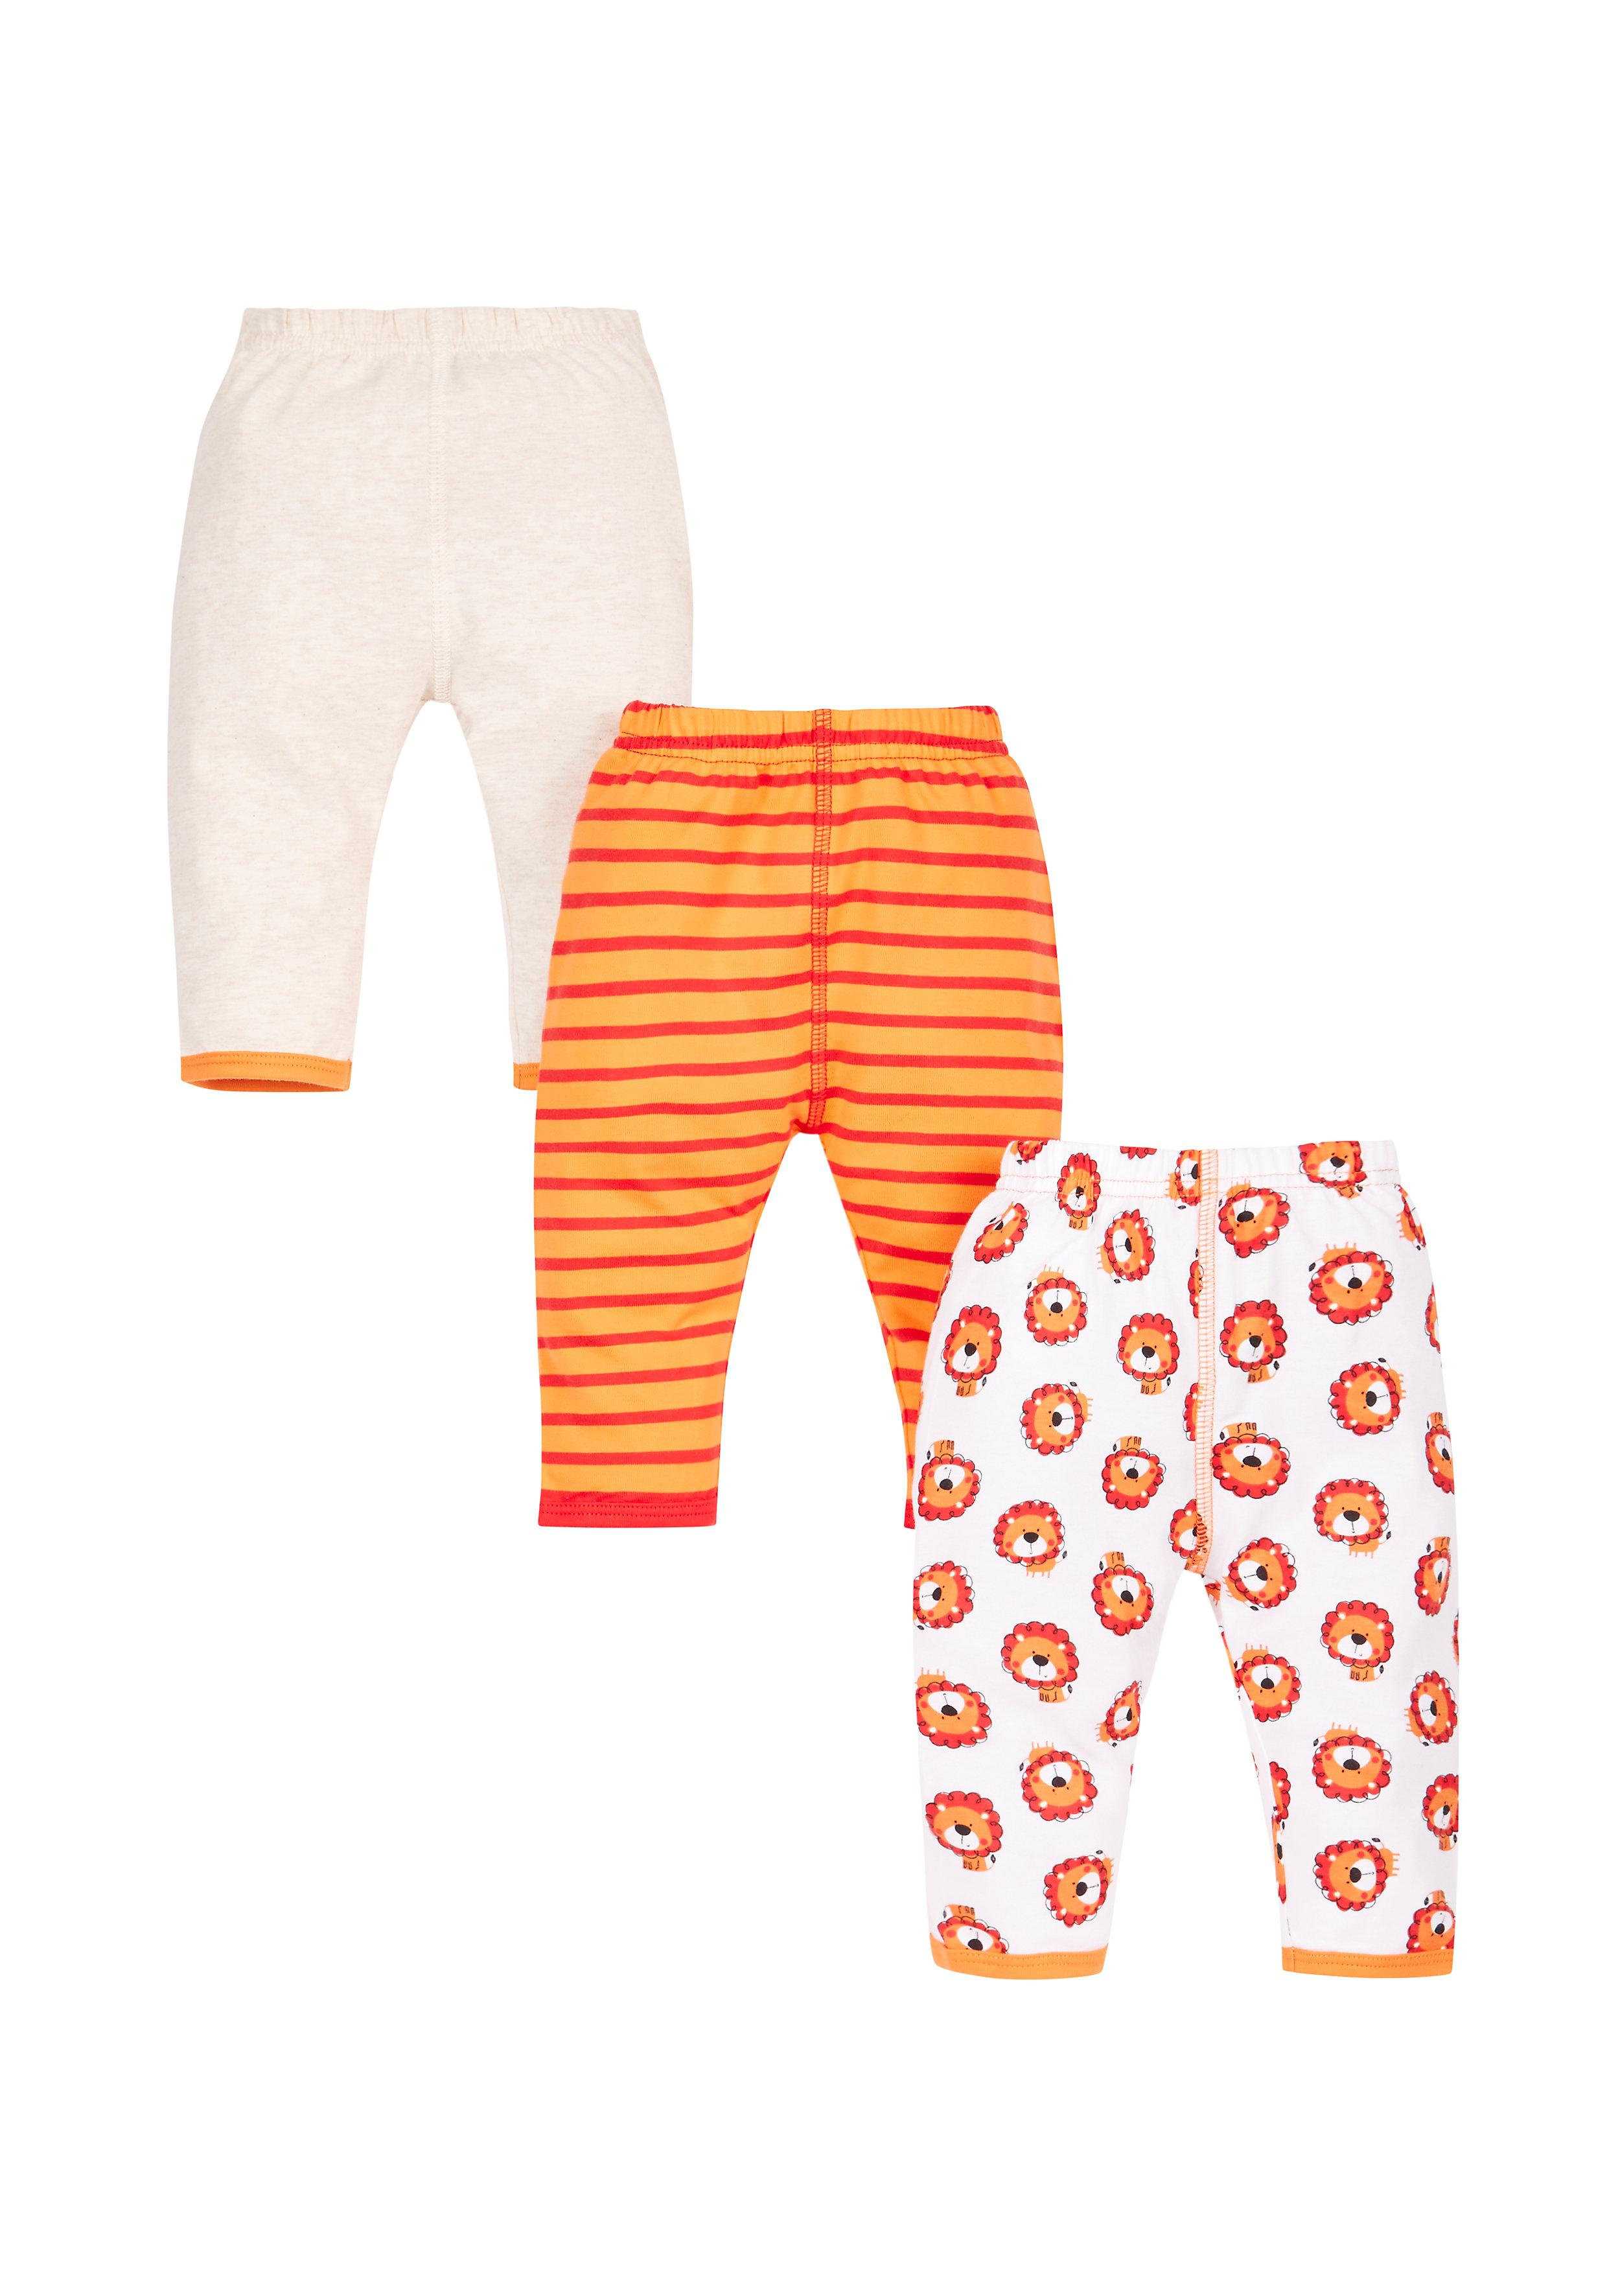 Mothercare   Boys Little Lion Leggings - 3 Pack - Orange